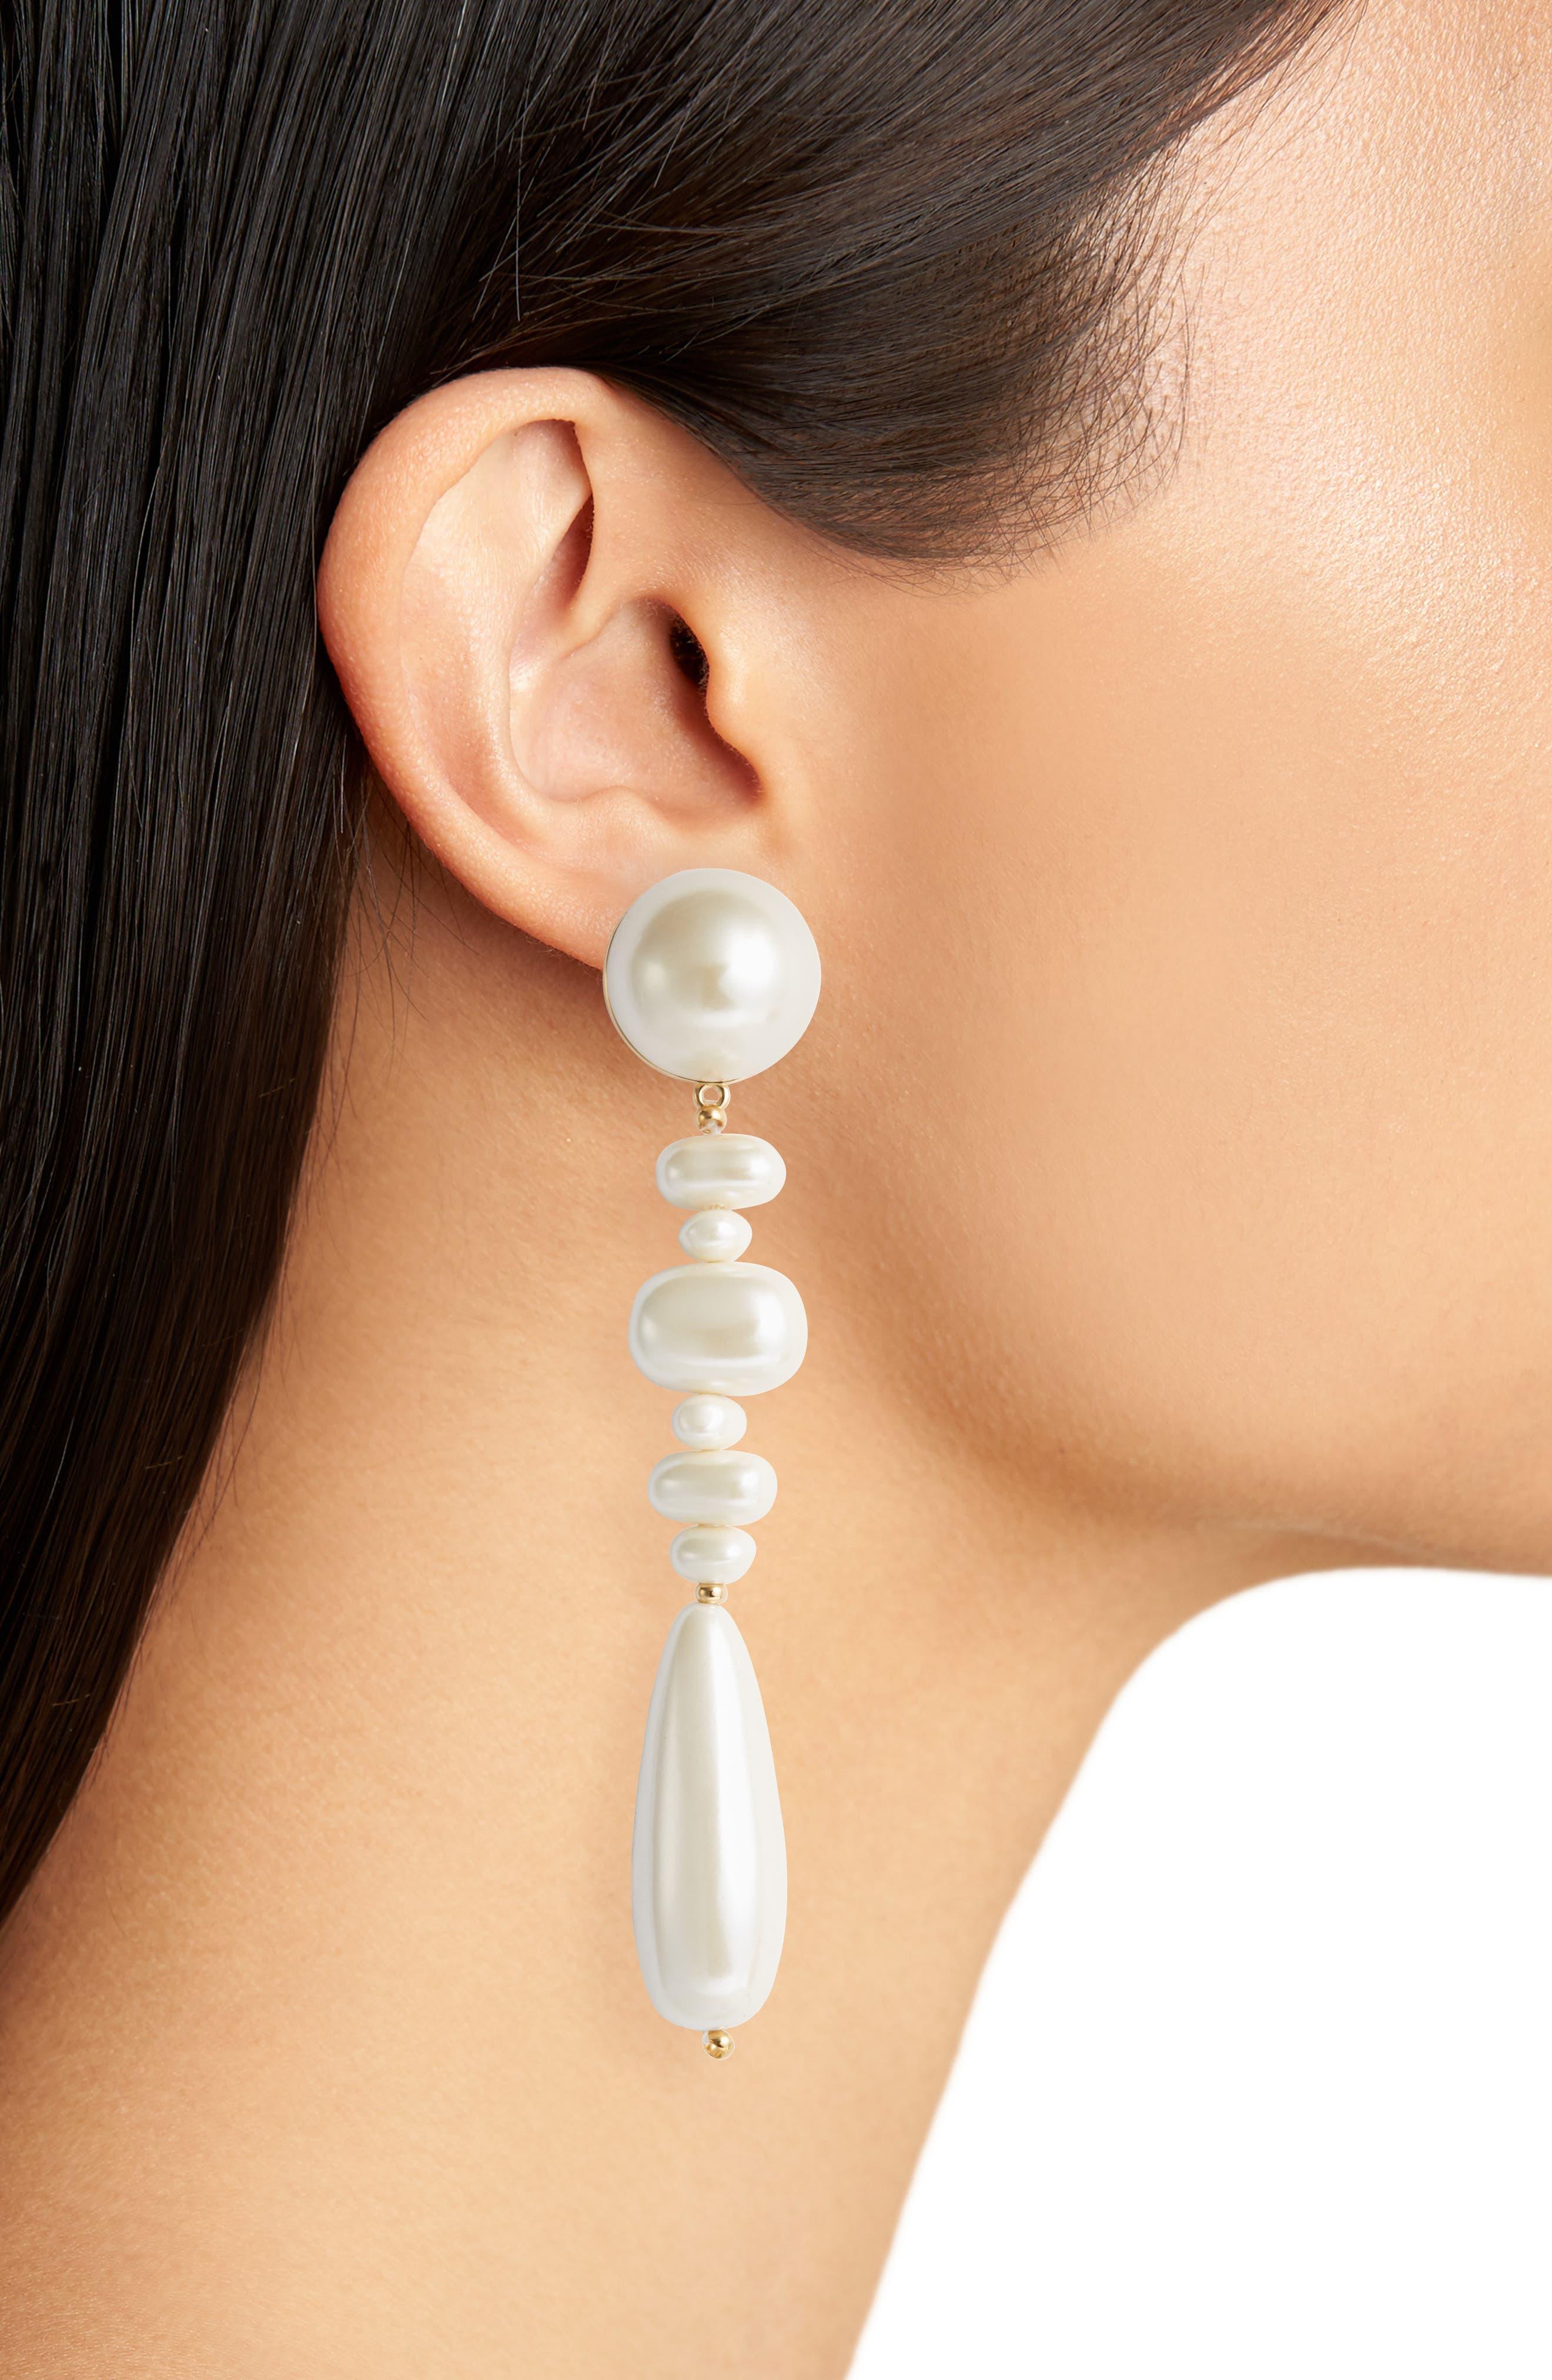 Copacabana Earrings,                             Alternate thumbnail 2, color,                             900